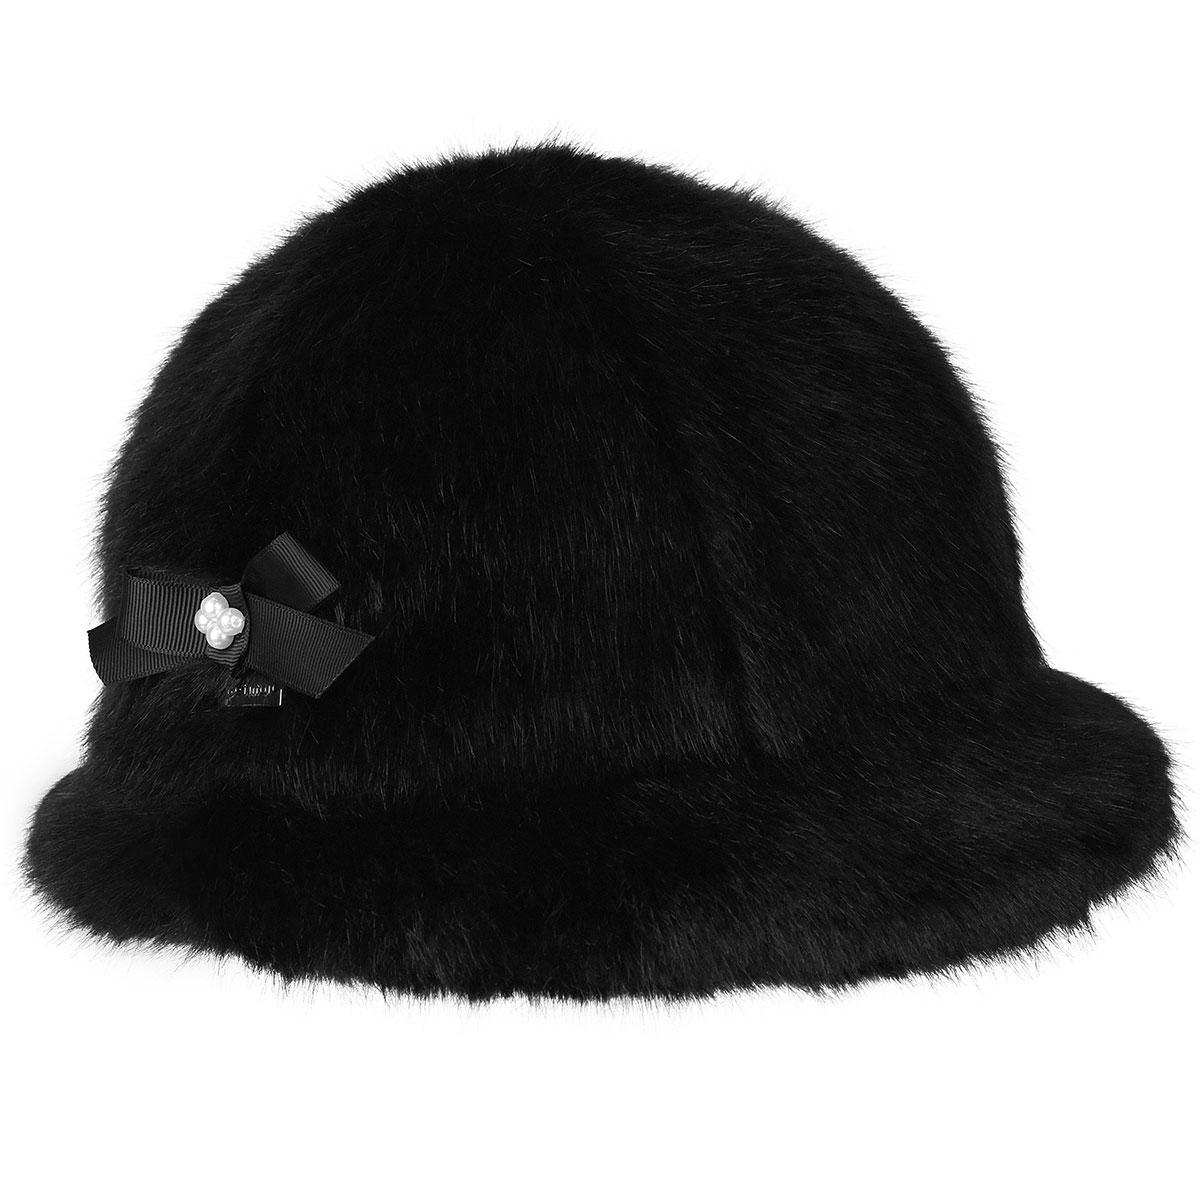 Betmar Suzette Faux Fur Cloche in Black